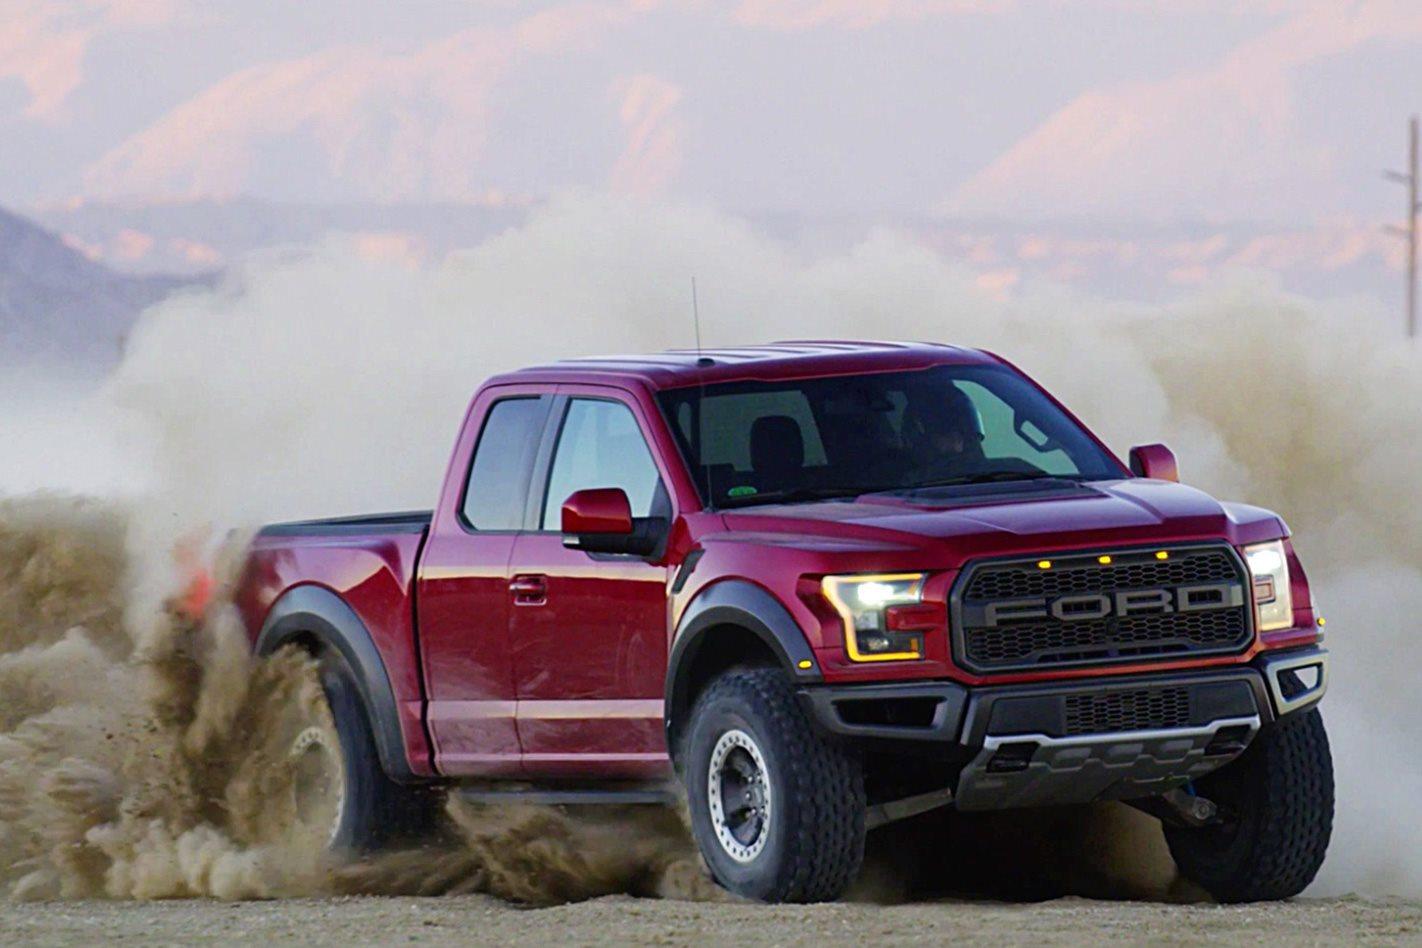 Ford Ranger Raptor front.jpg